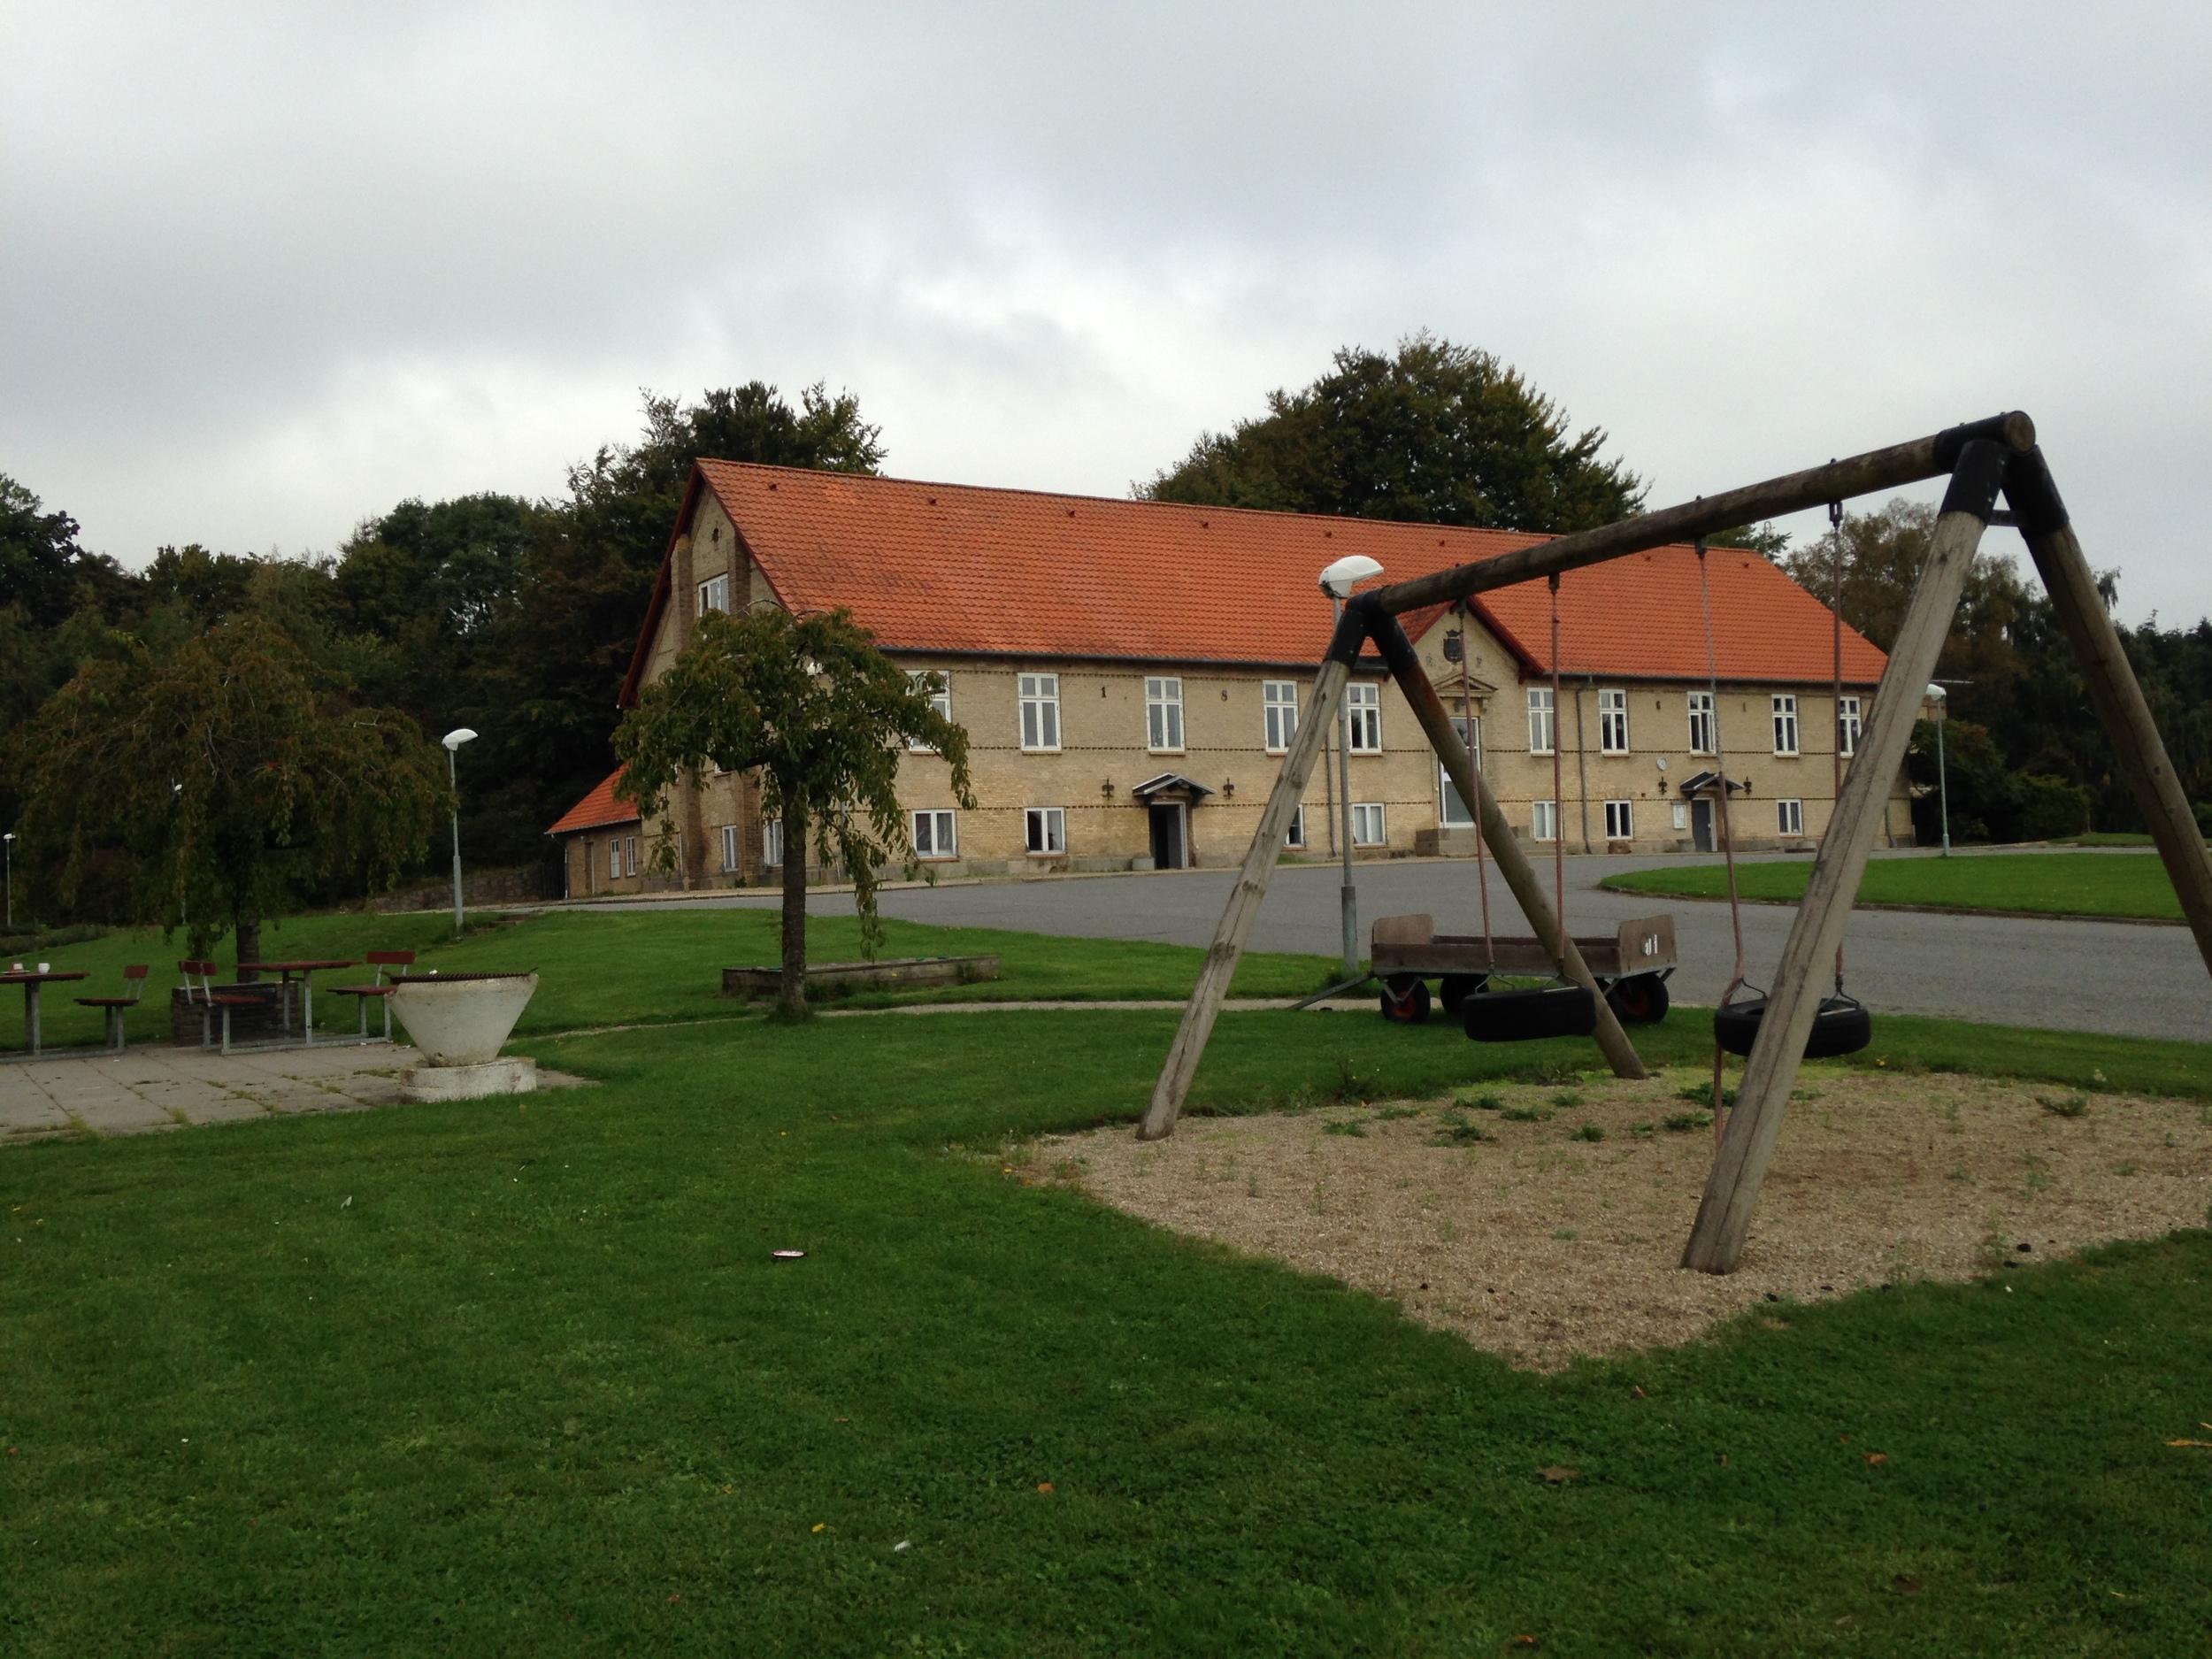 Open Prison, Denmark